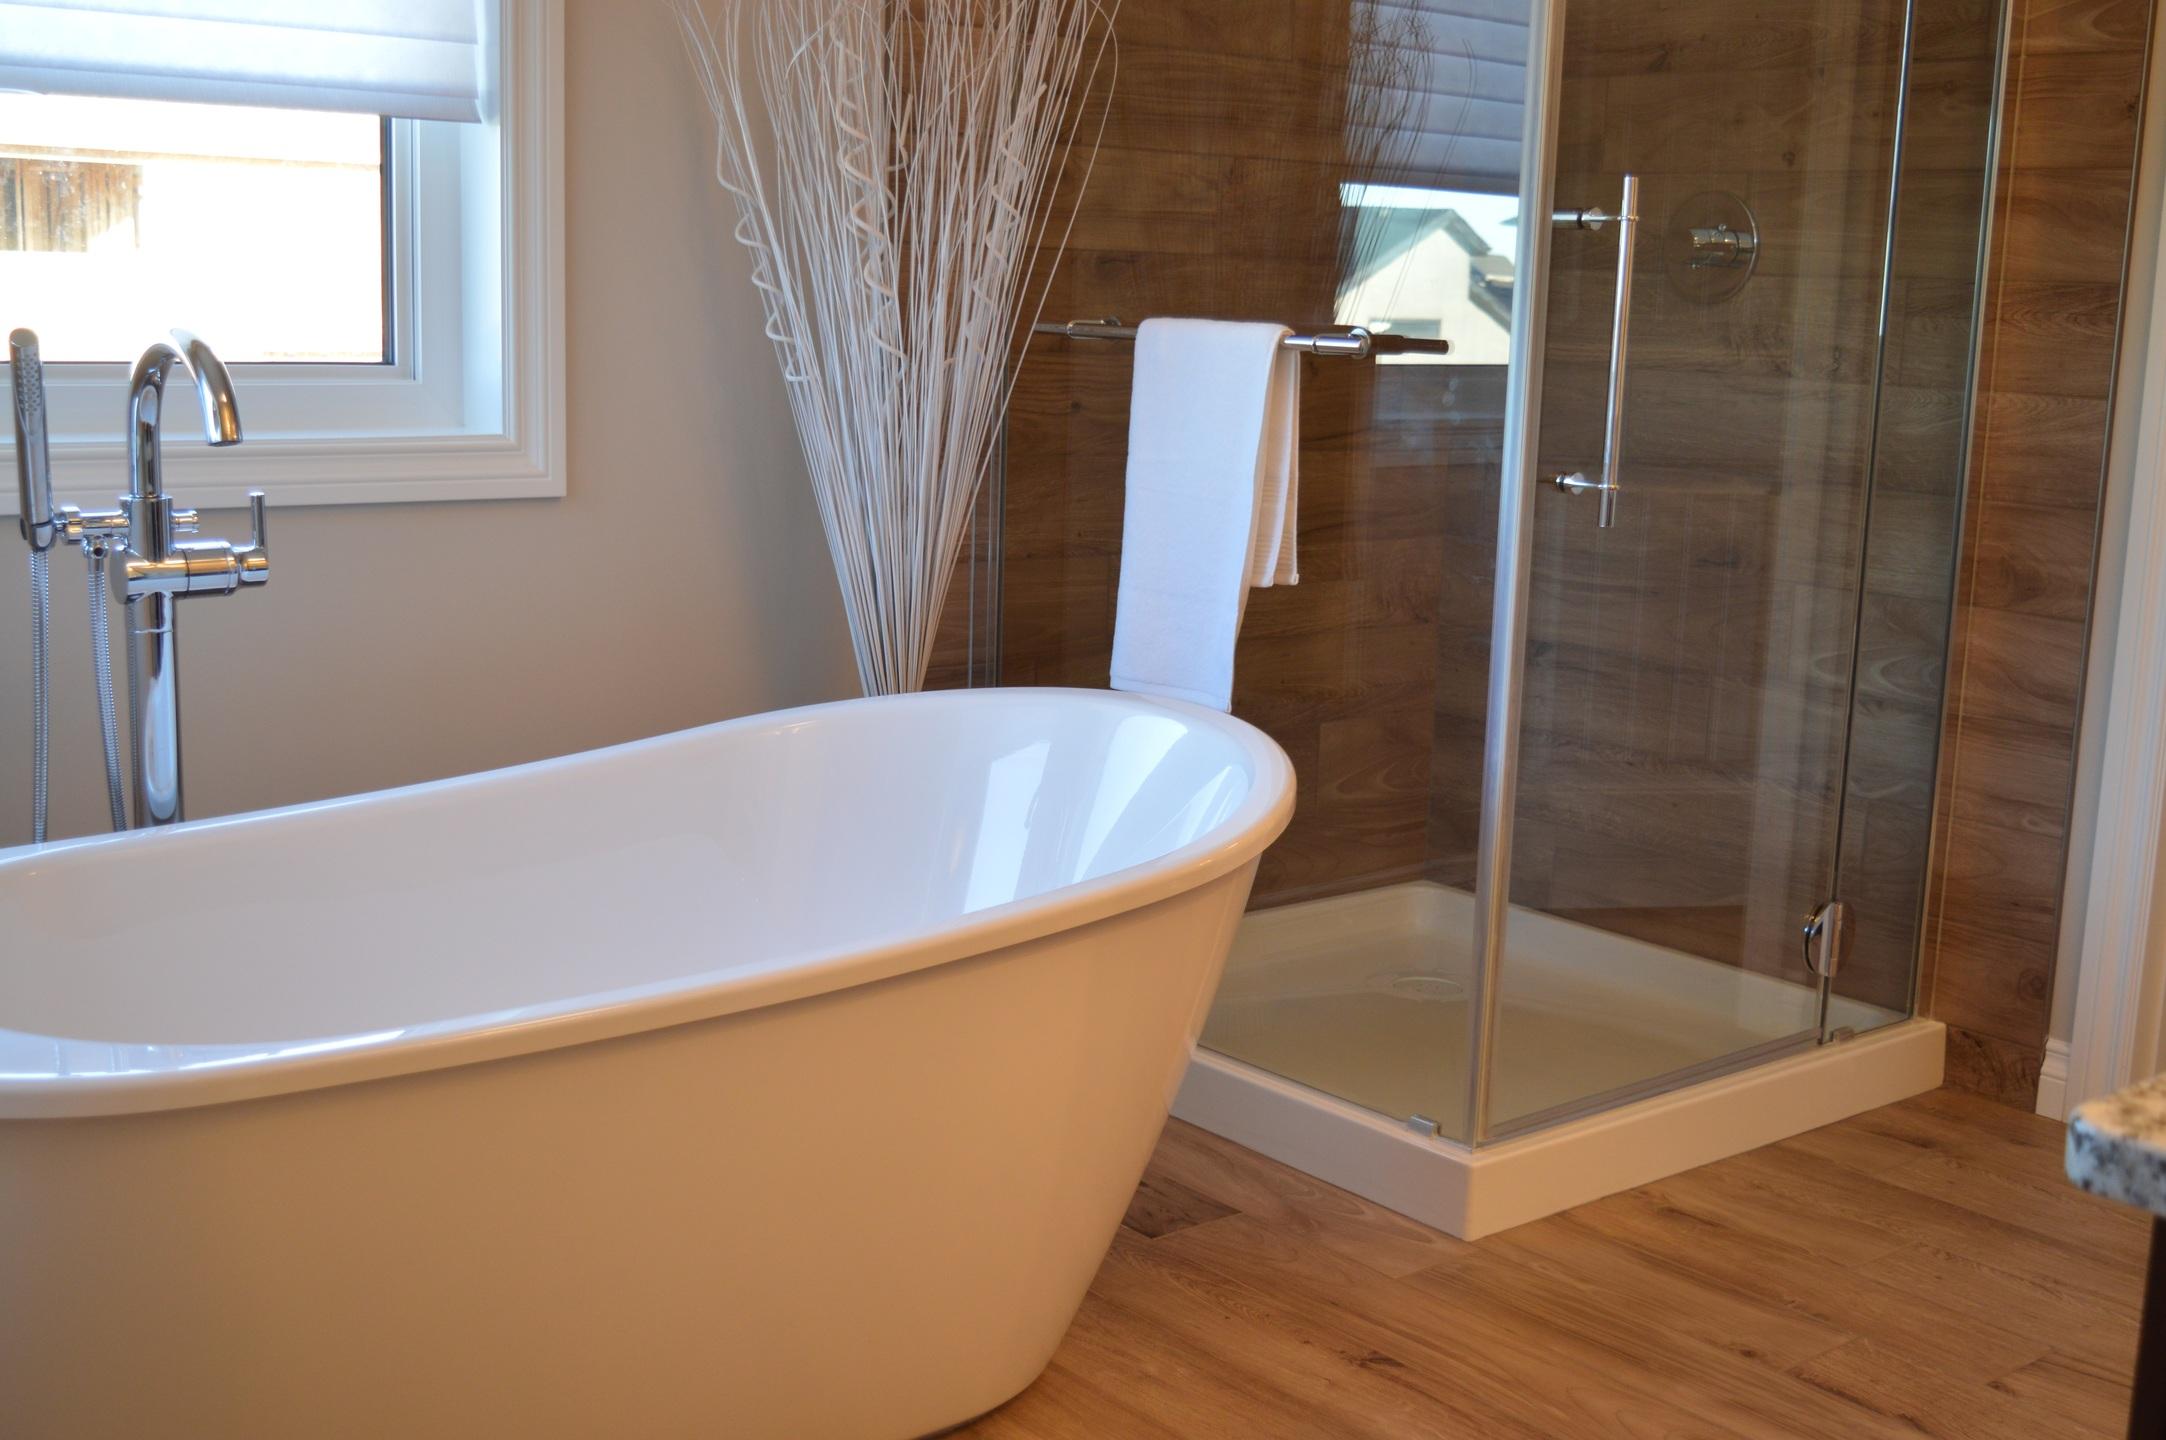 Vasca Da Bagno Enorme arredare un bagno grande: idee e consigli per un bagno da